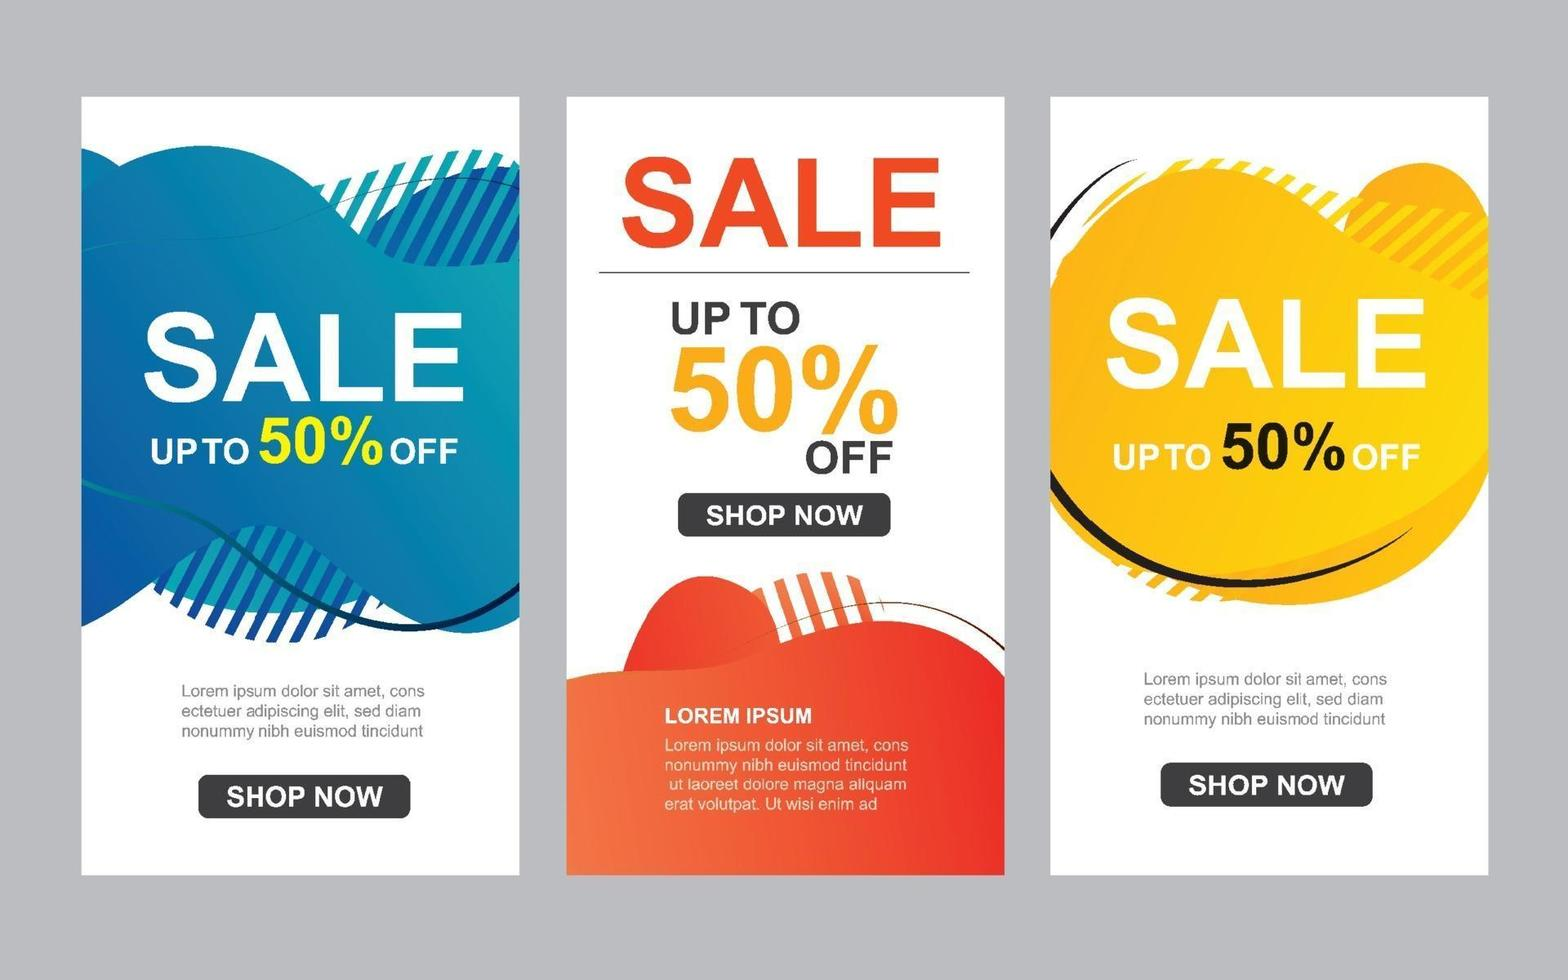 moderne flüssige abstrakte Set zum Verkauf Banner Vorlage. Verwendung für Flyer, Rabatt Sonderangebot Design, Promotion Hintergrund. vektor